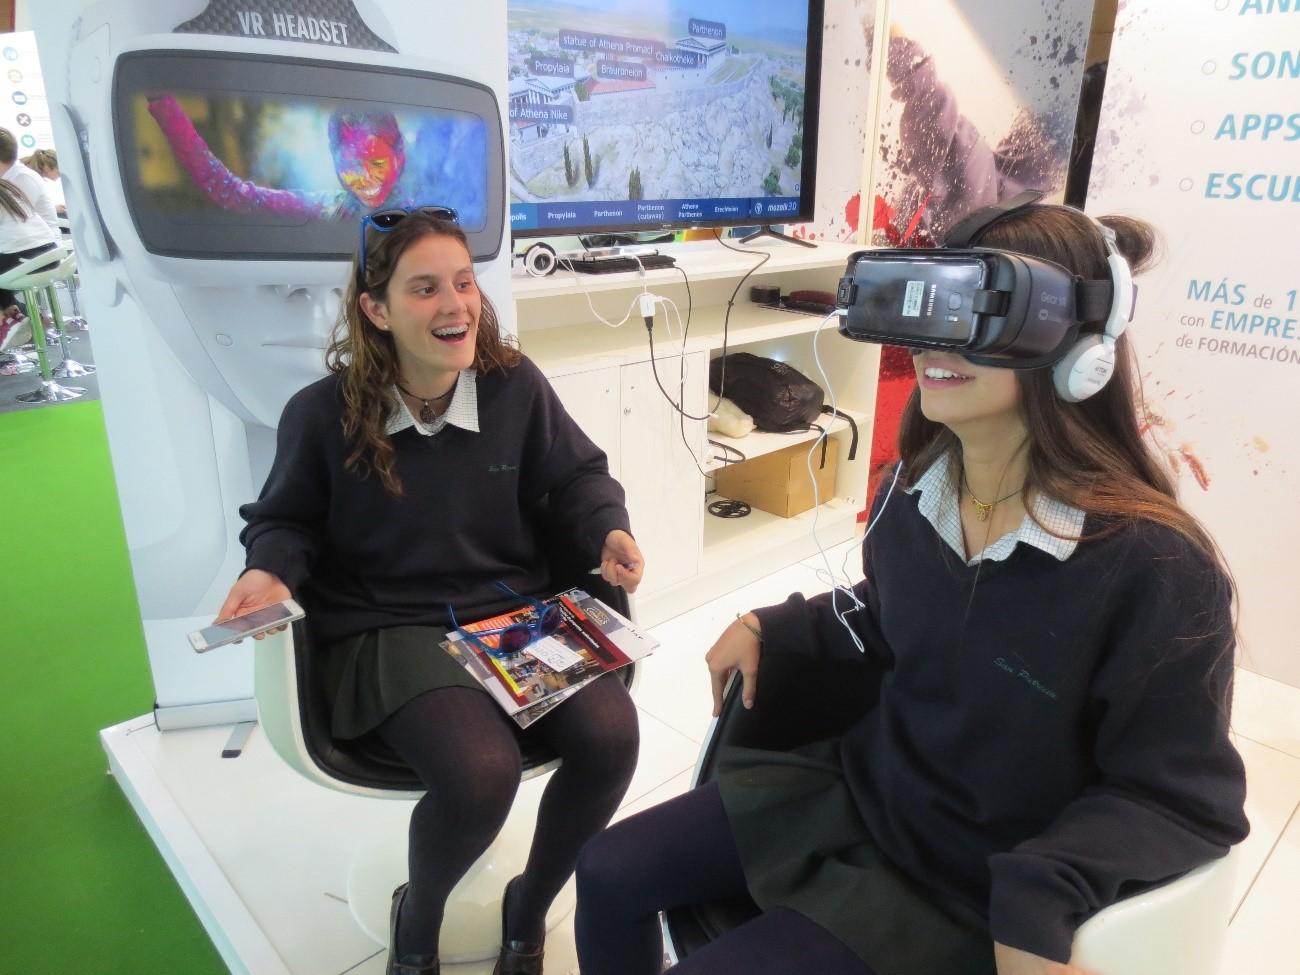 Alumnos VR